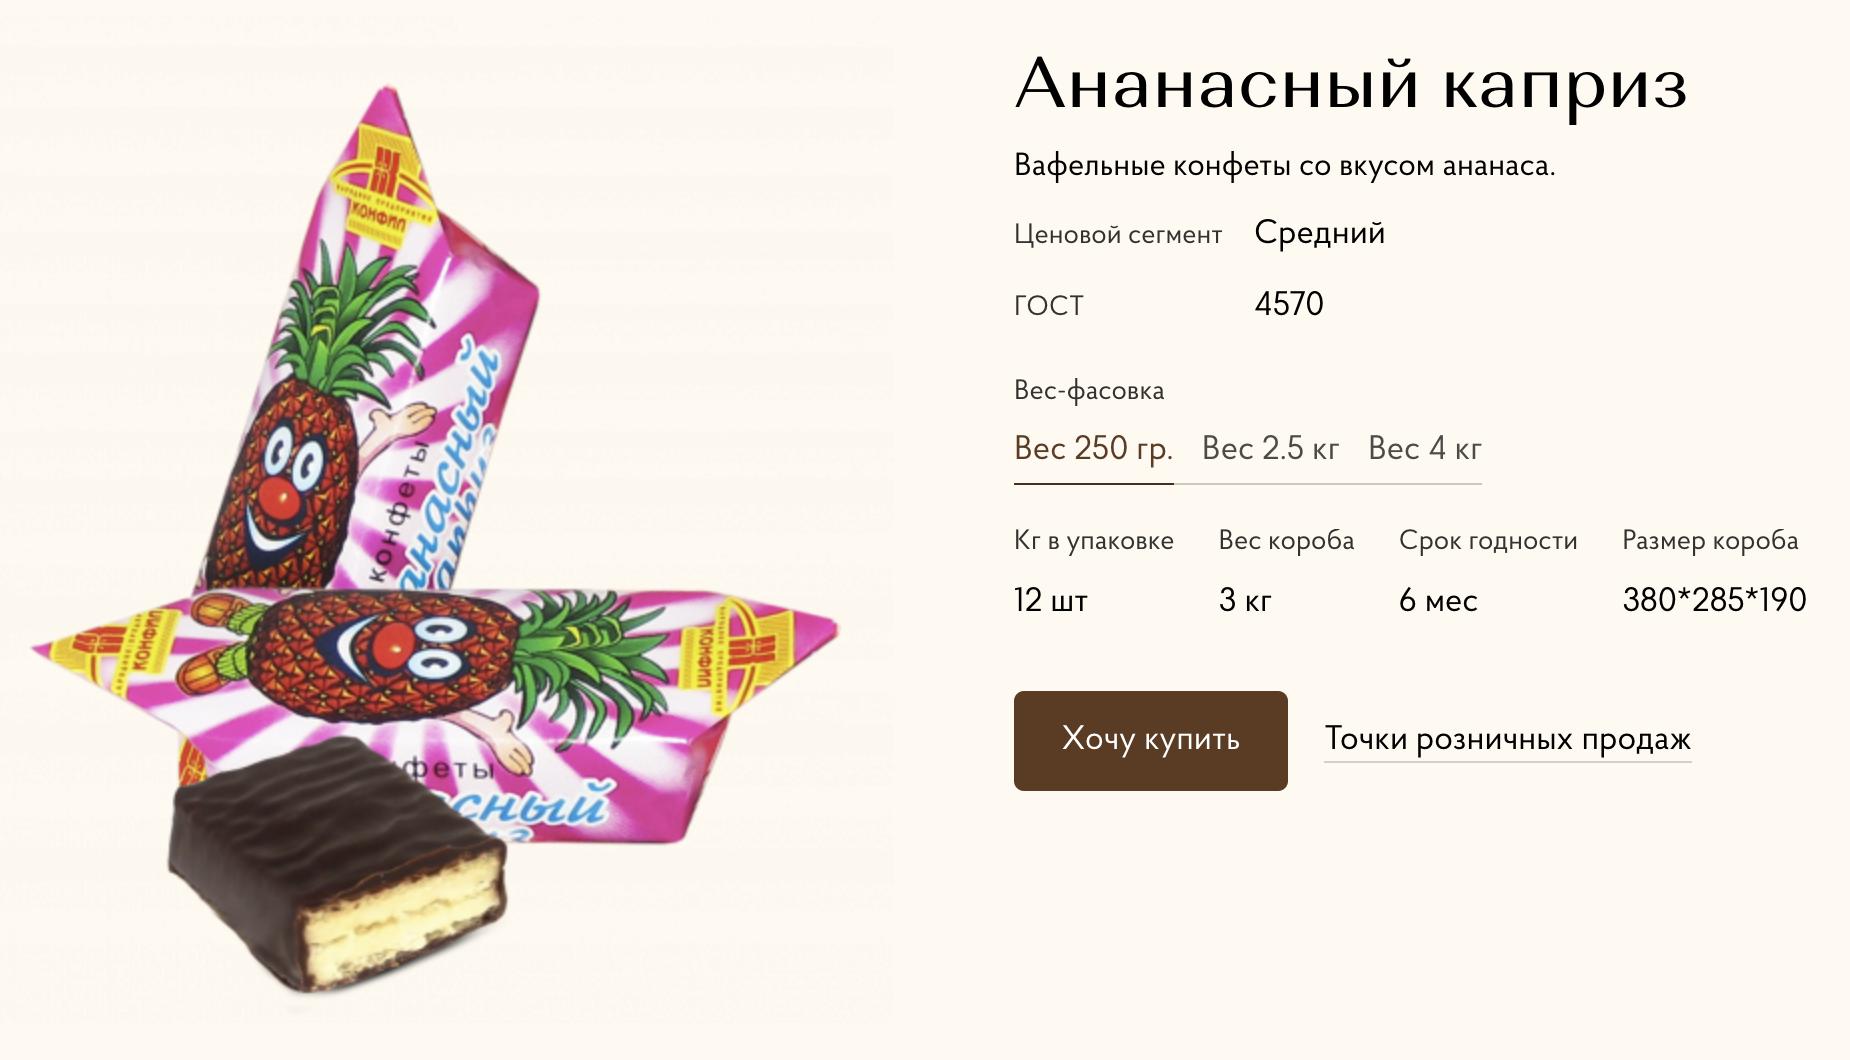 «Мишка нальдине», «Отражение», «Корабли пустыни» и«Ананасный каприз»— мне кажется, эти конфиловские конфеты известны всем